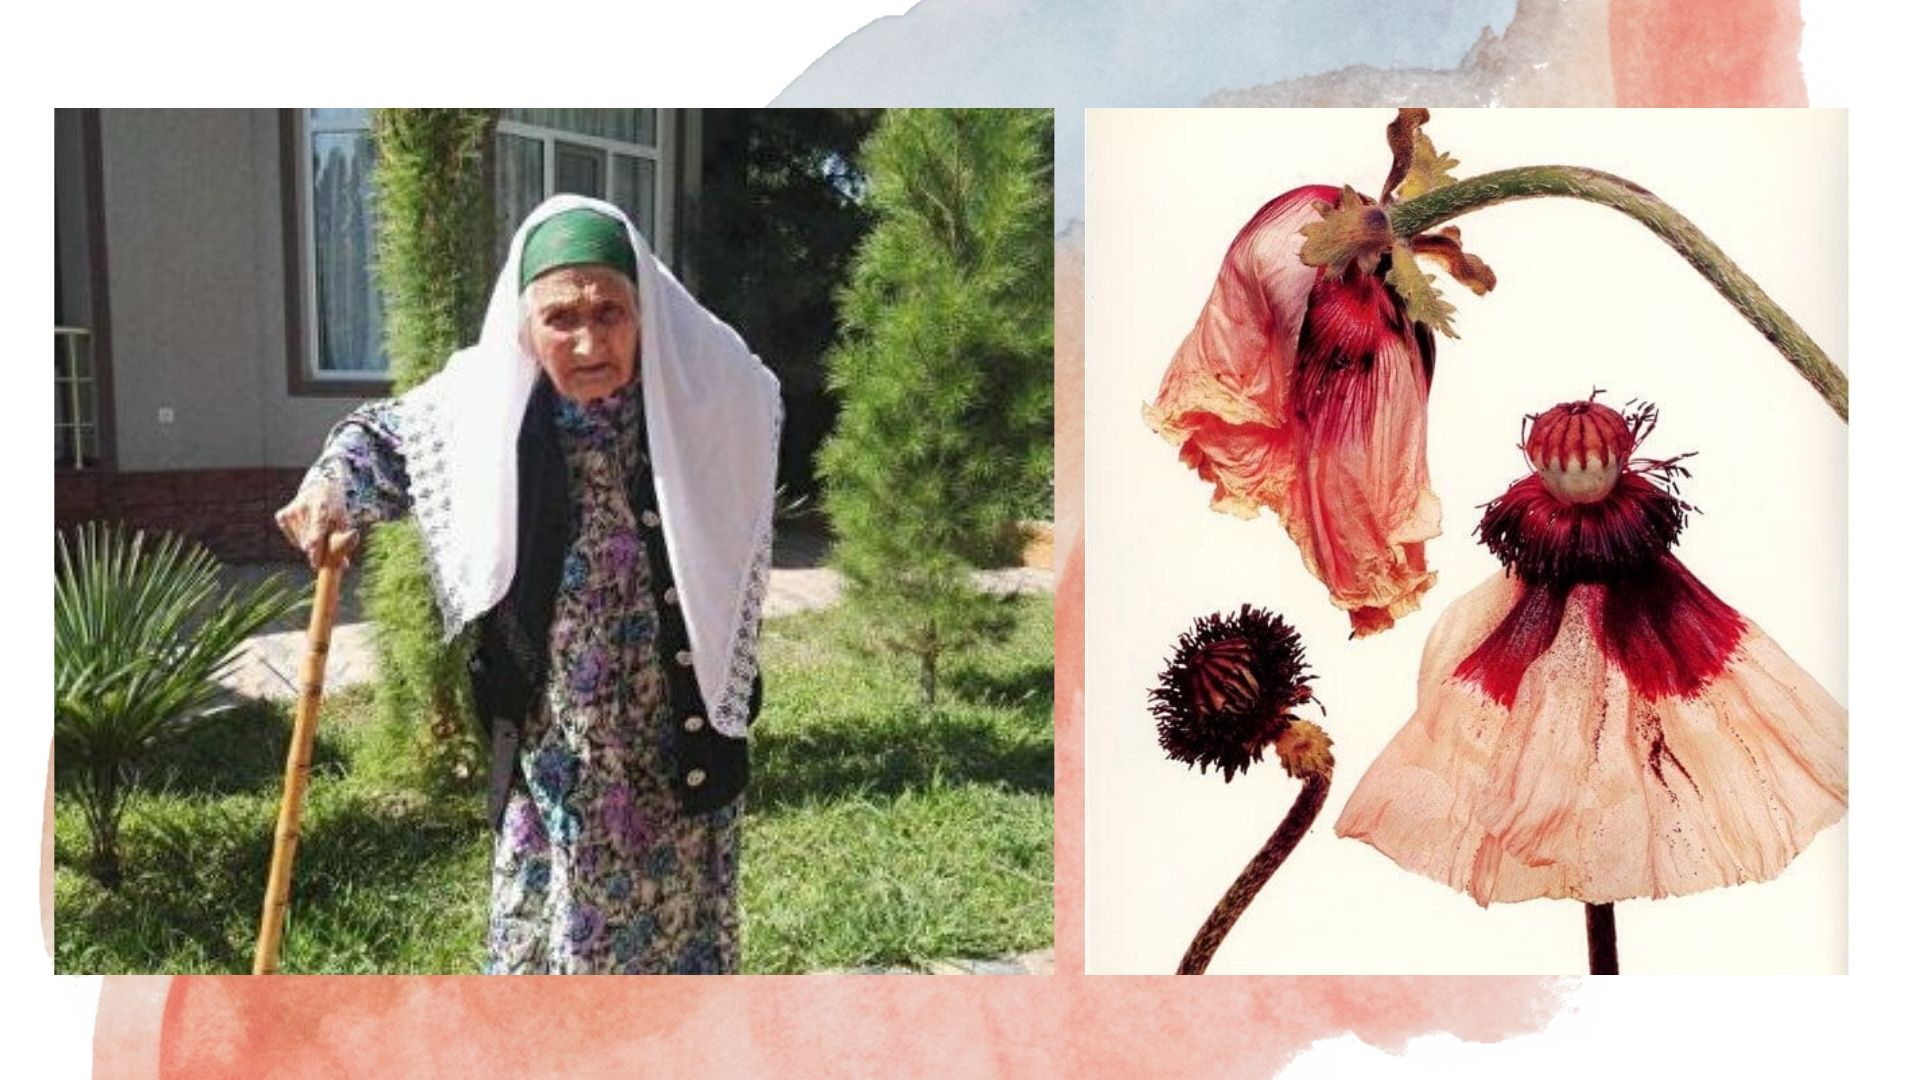 Старейшая женщина на Земле скончалась в 127 лет: как она жила долгожители,жизнь,интересное